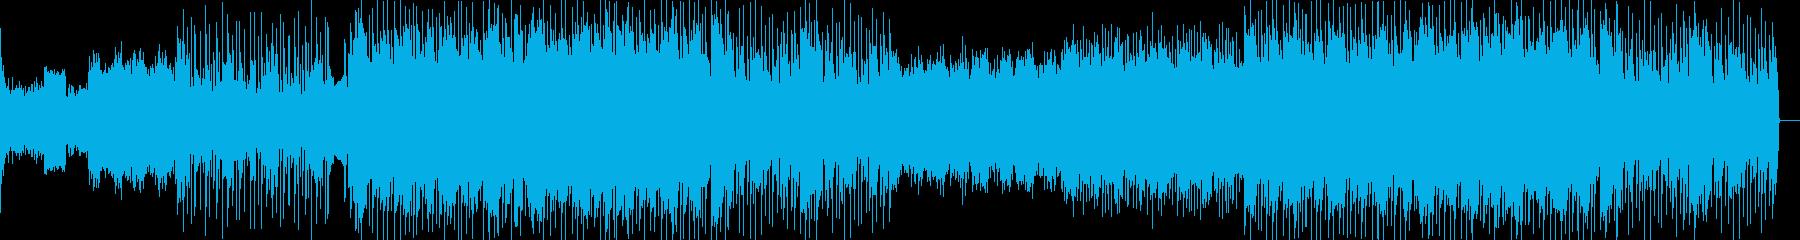 切ないローファイヒップホップの再生済みの波形